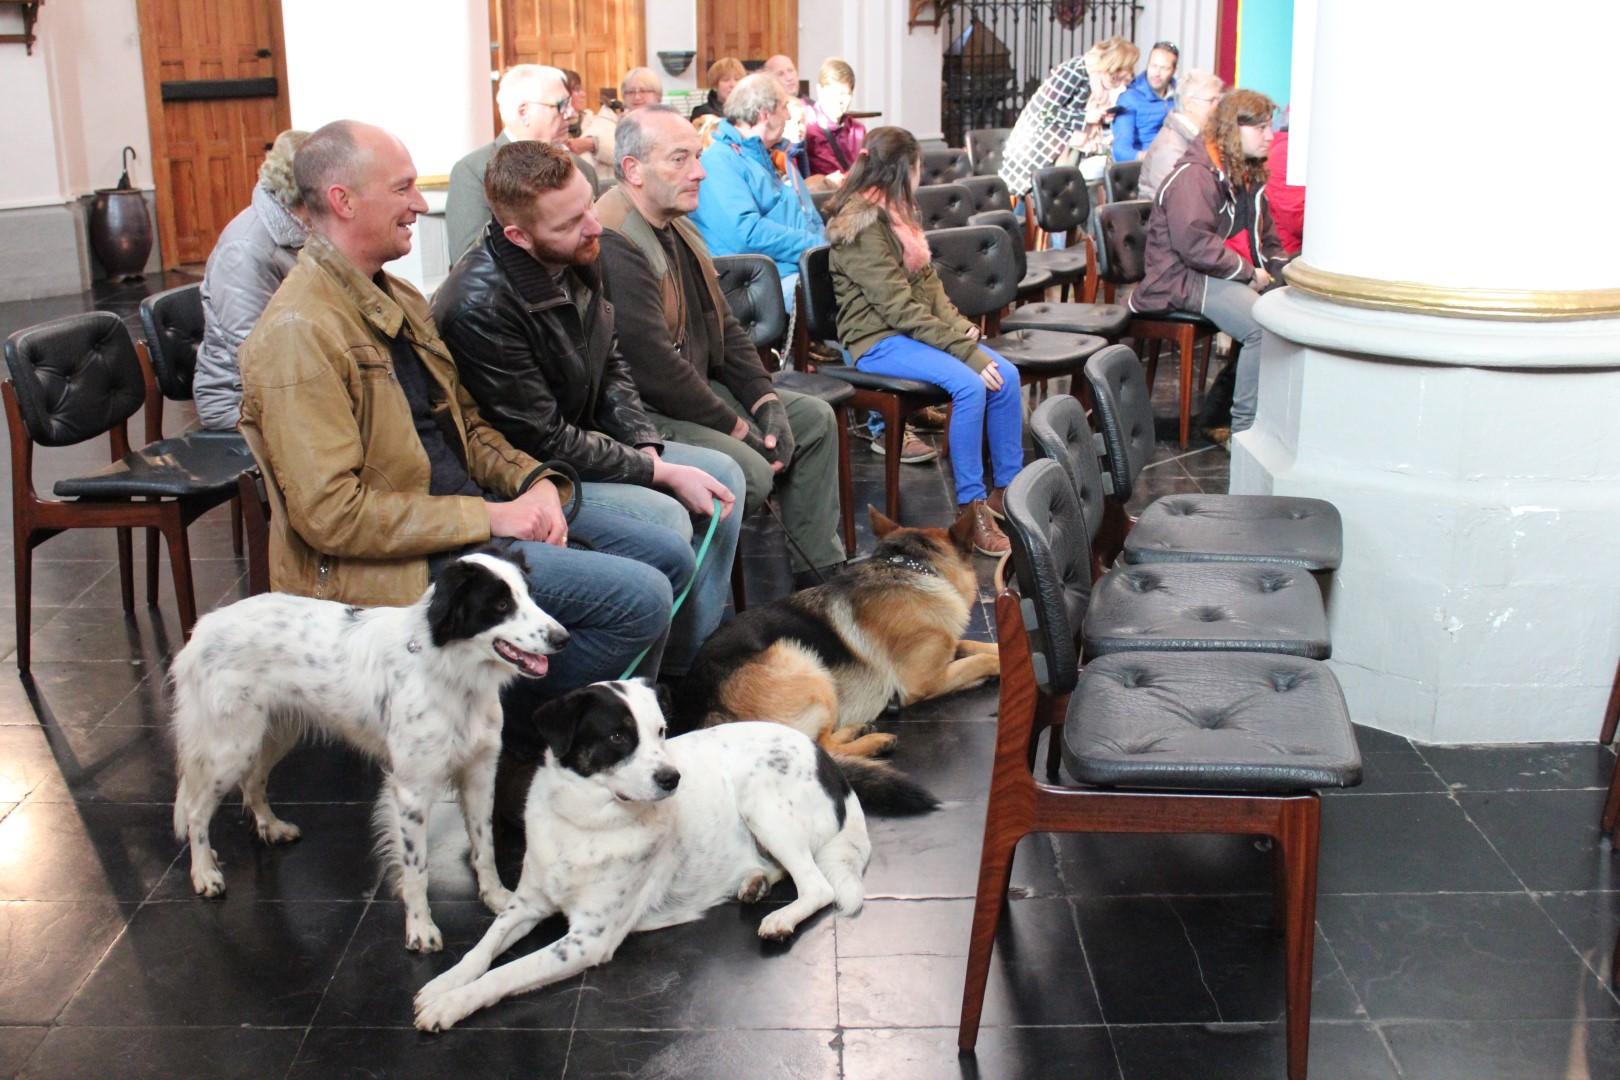 Op wandel na hondenwijding in Kapellen zondag - Het Nieuwsblad